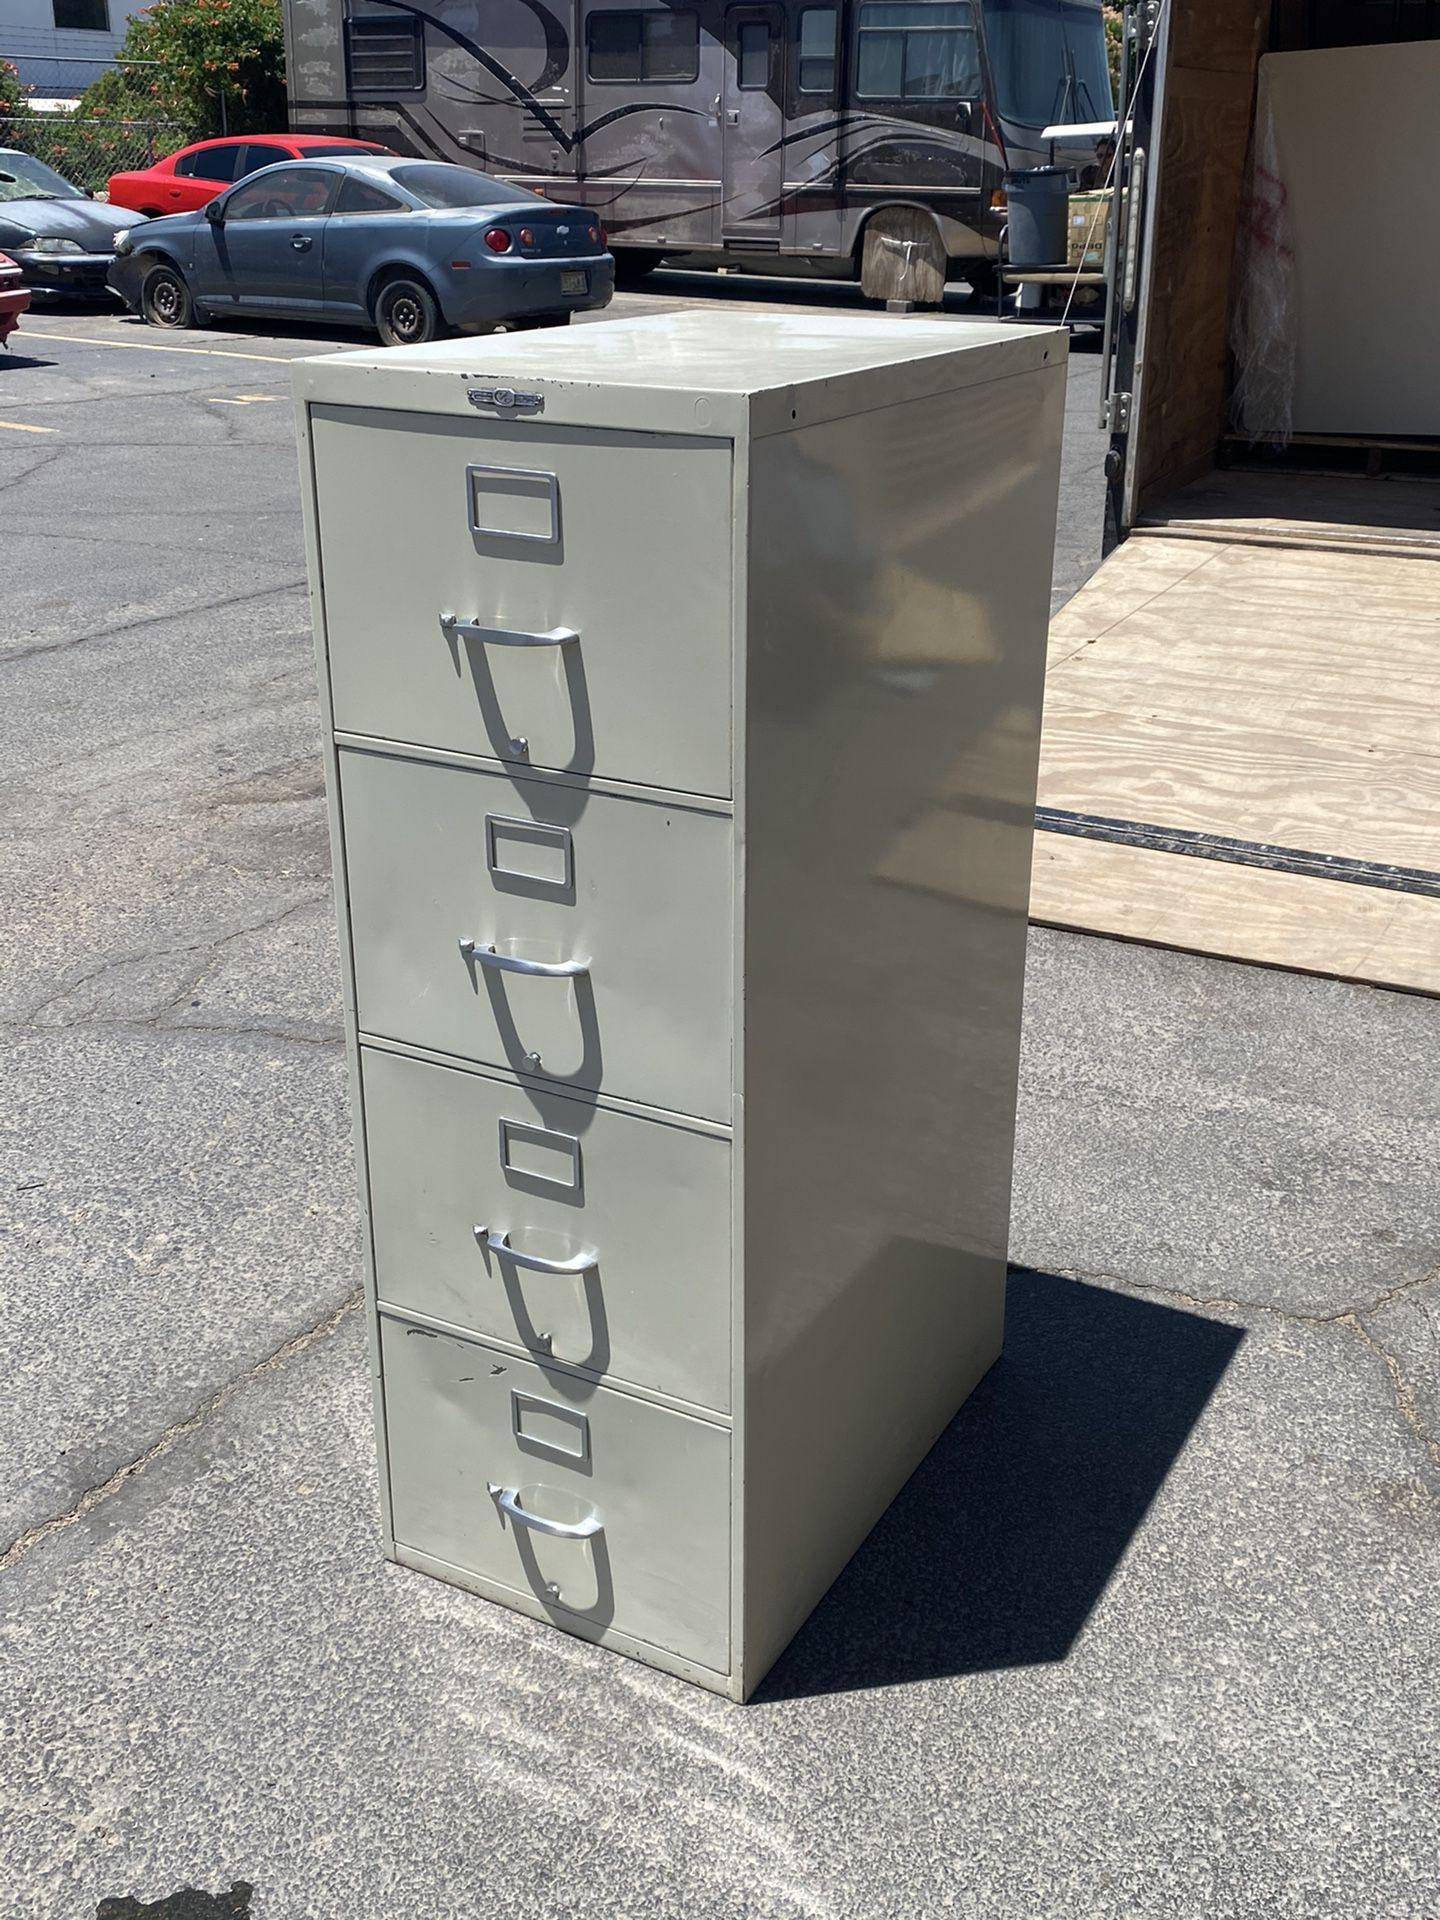 4 Drawer Metal File Cabinet - $35